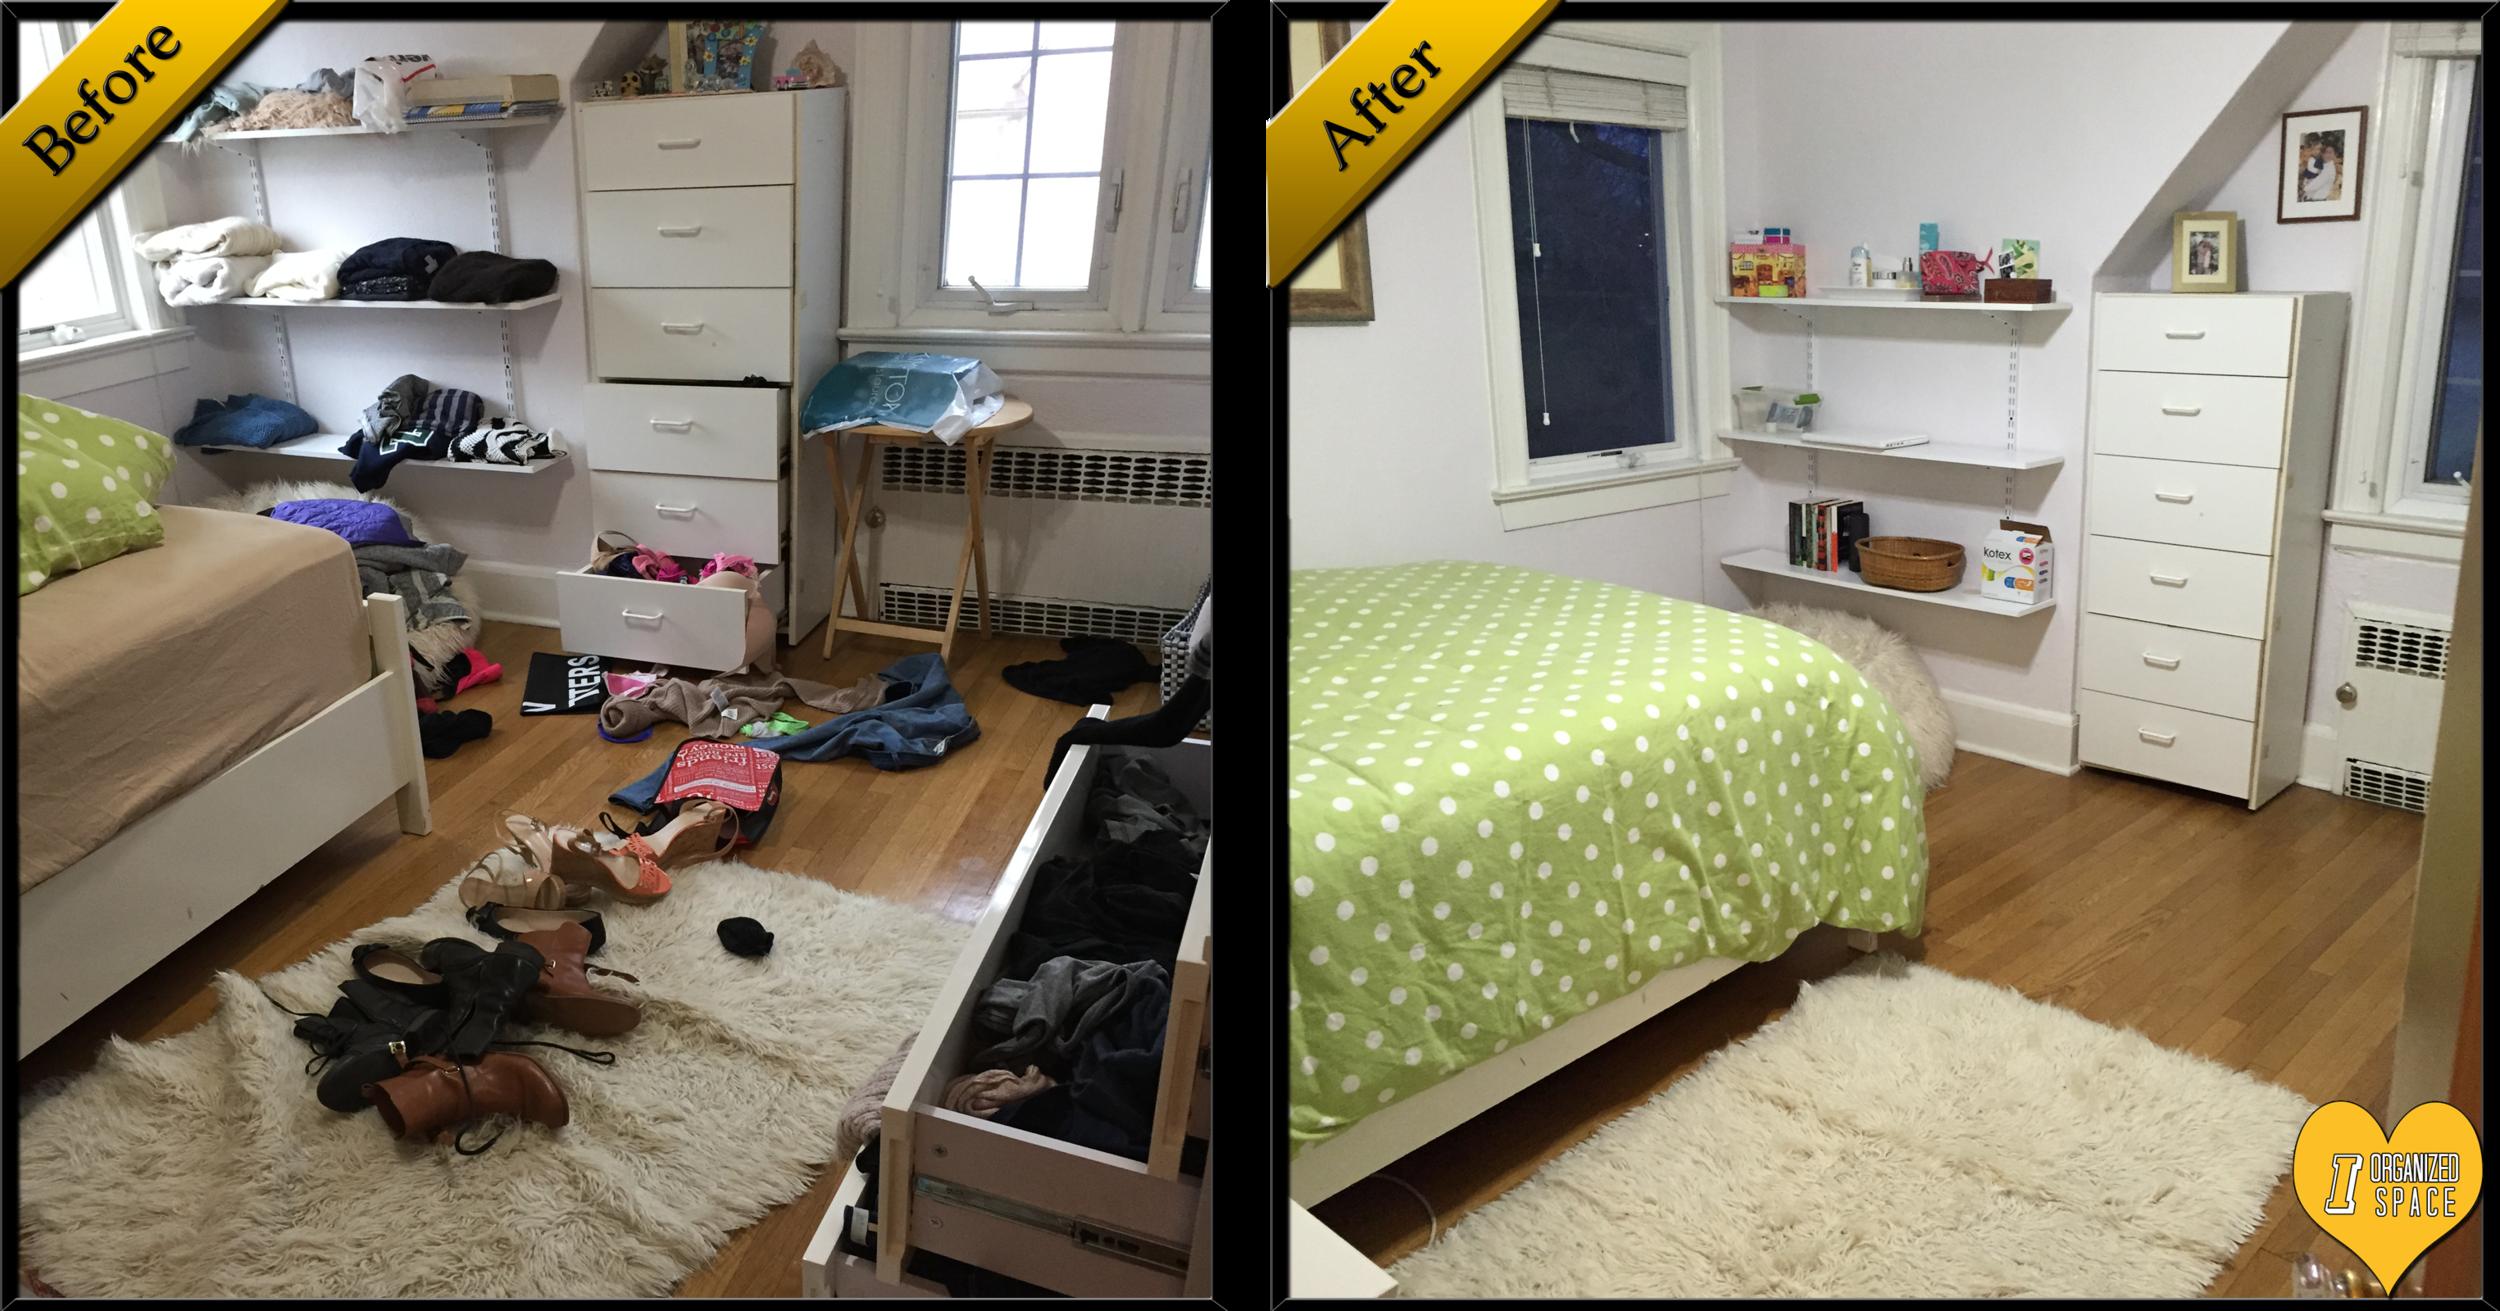 Bedroom03.png